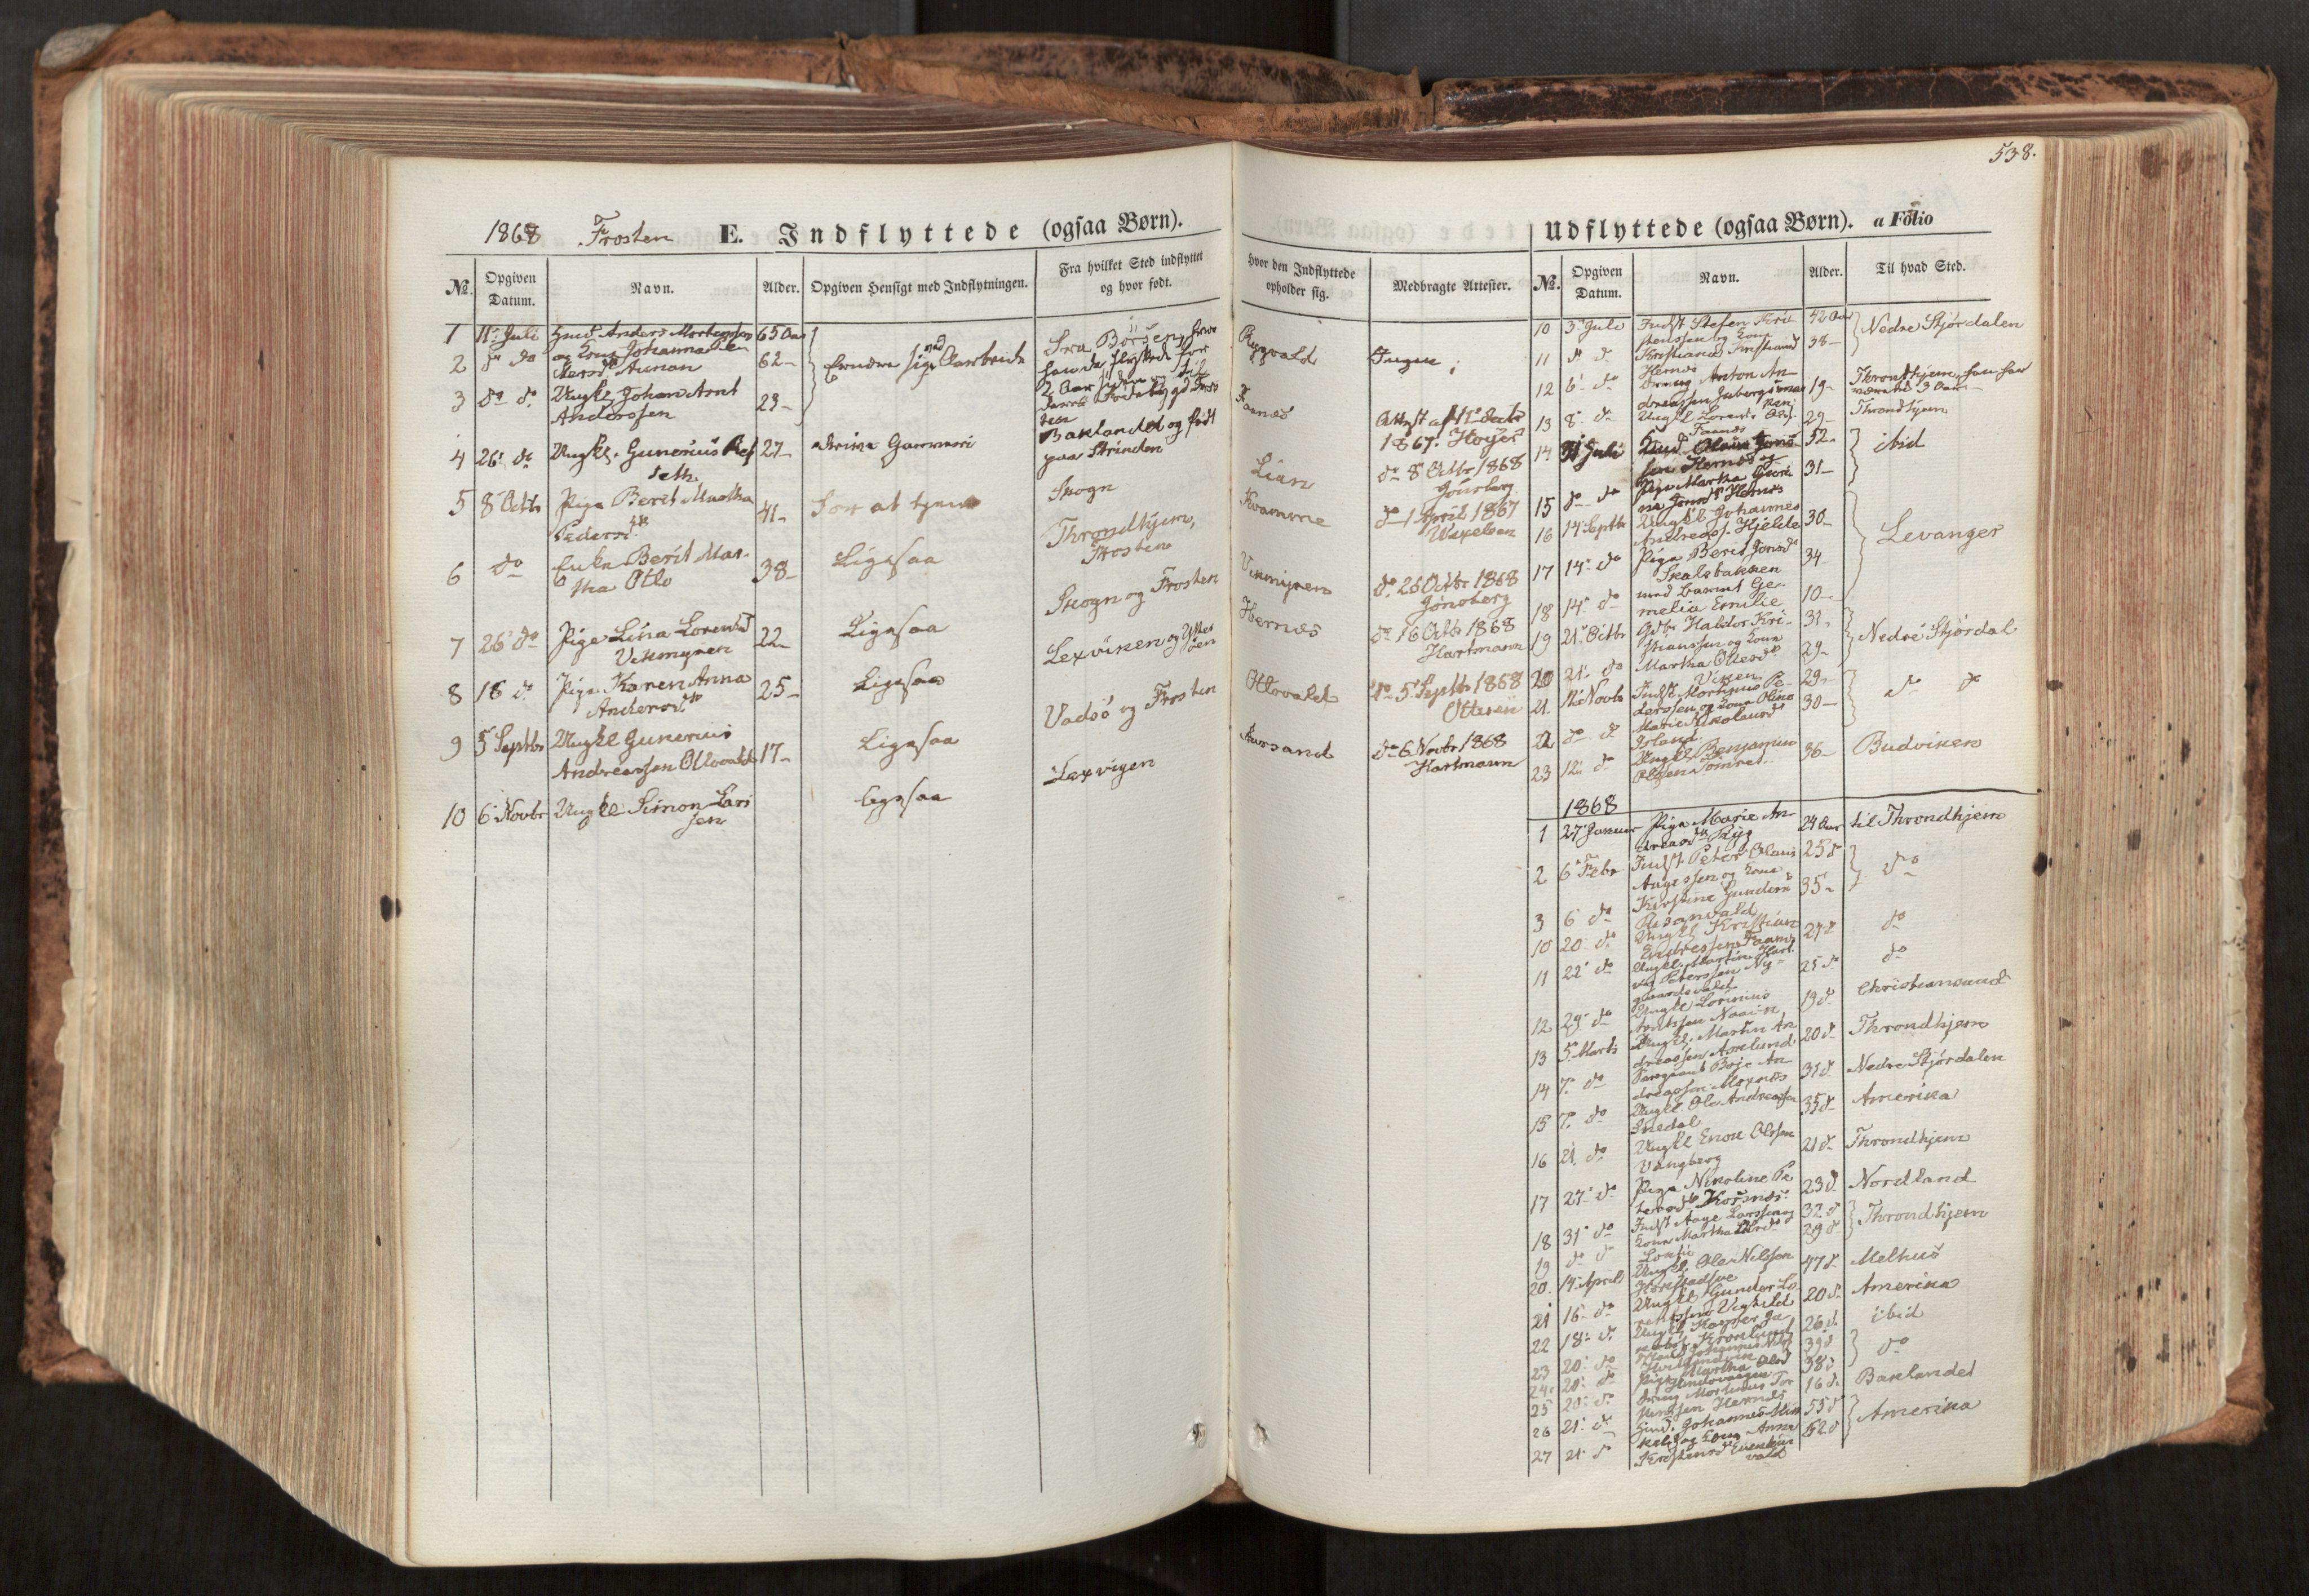 SAT, Ministerialprotokoller, klokkerbøker og fødselsregistre - Nord-Trøndelag, 713/L0116: Ministerialbok nr. 713A07, 1850-1877, s. 538